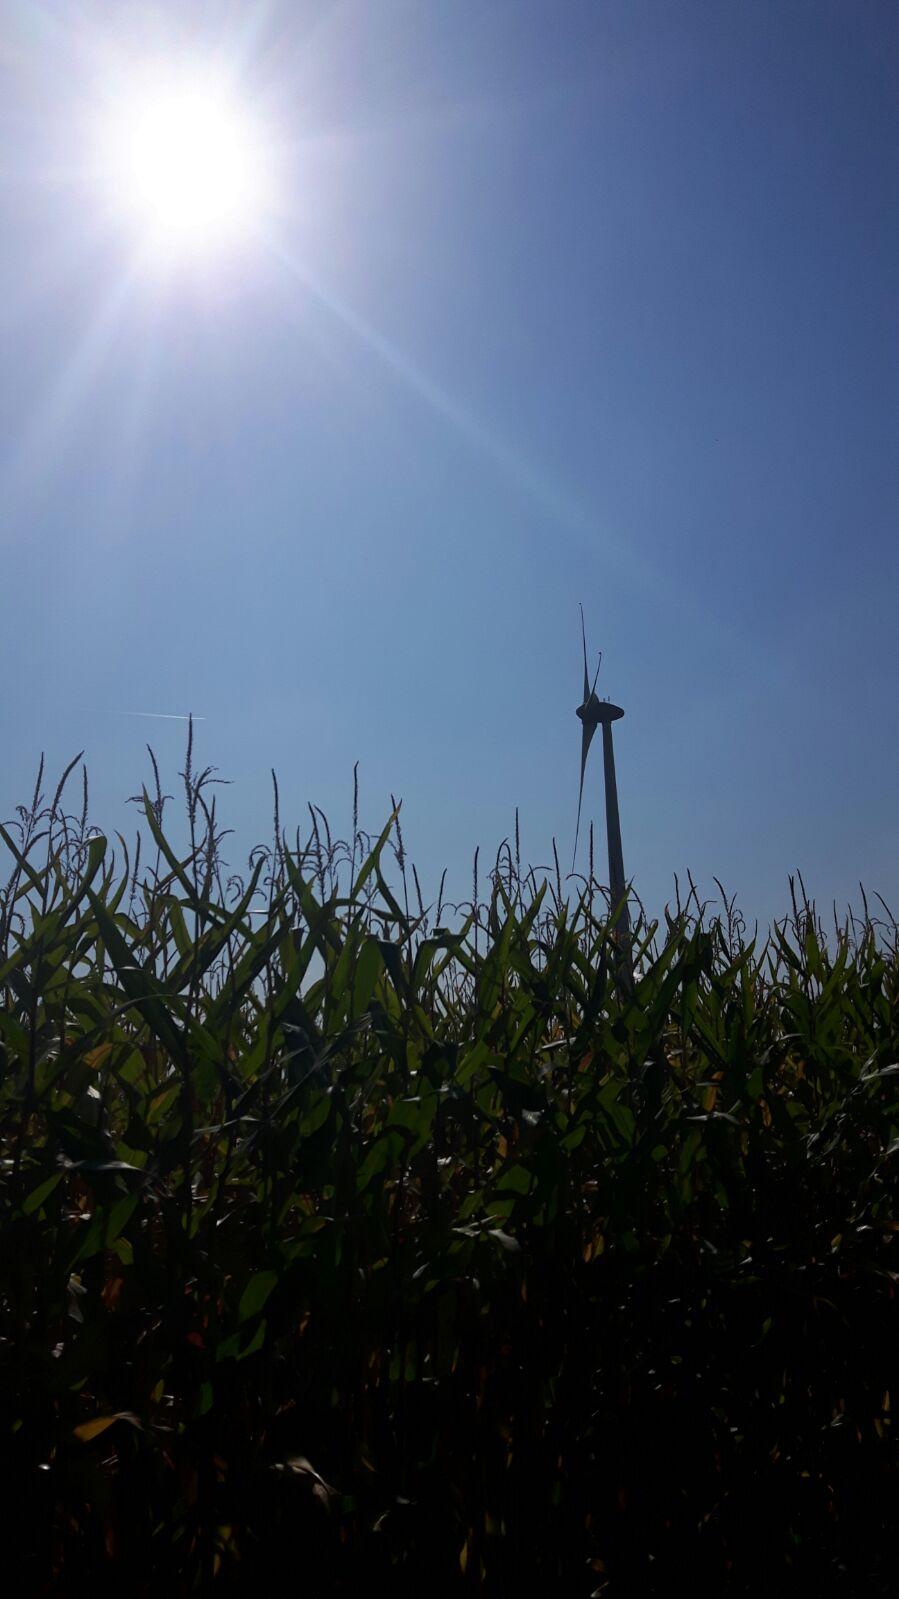 Maisveld in de zon, 2 jaar geleden